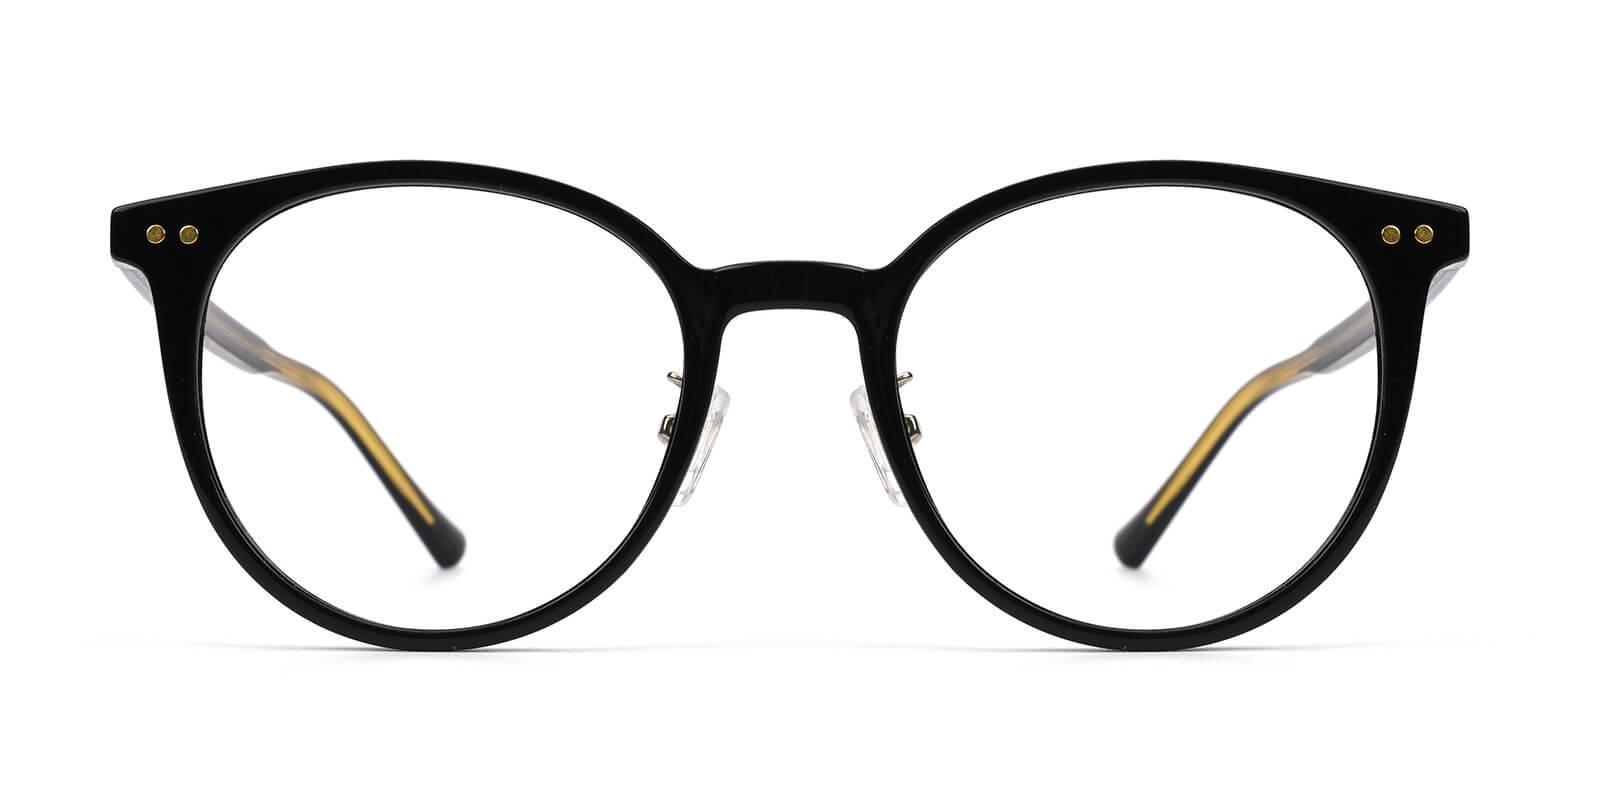 Freak-Black-Round-Acetate-Eyeglasses-additional2